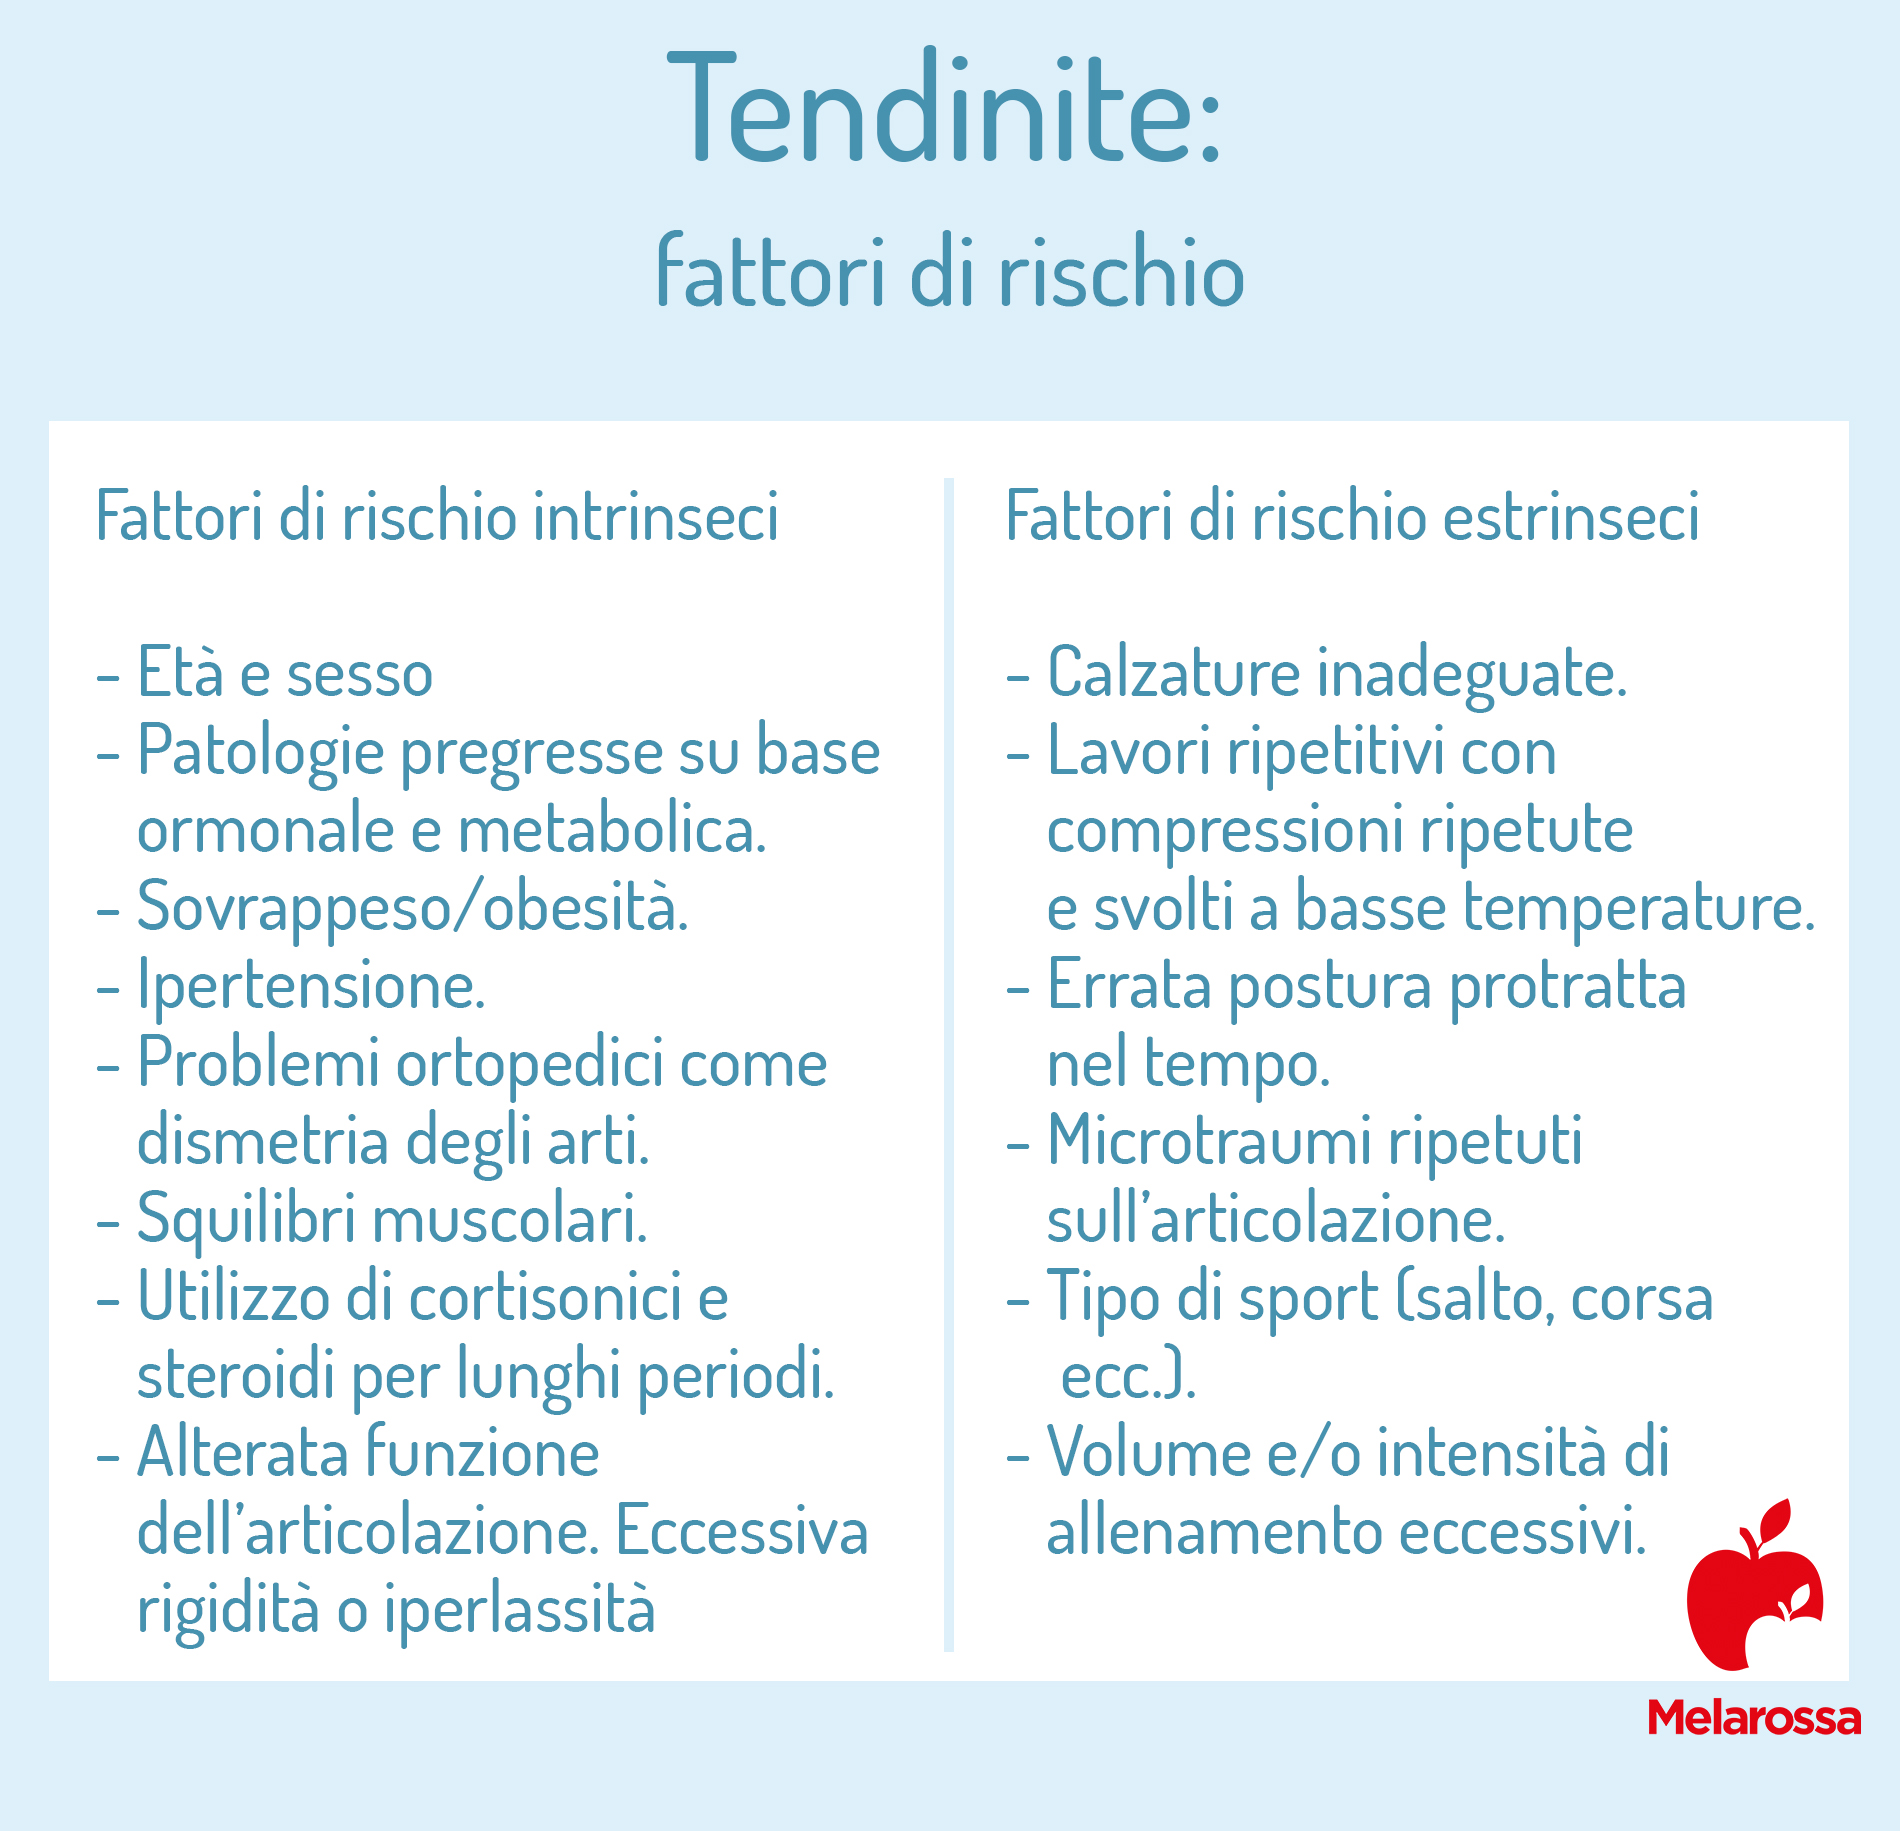 Tendinite: fattori di rischio